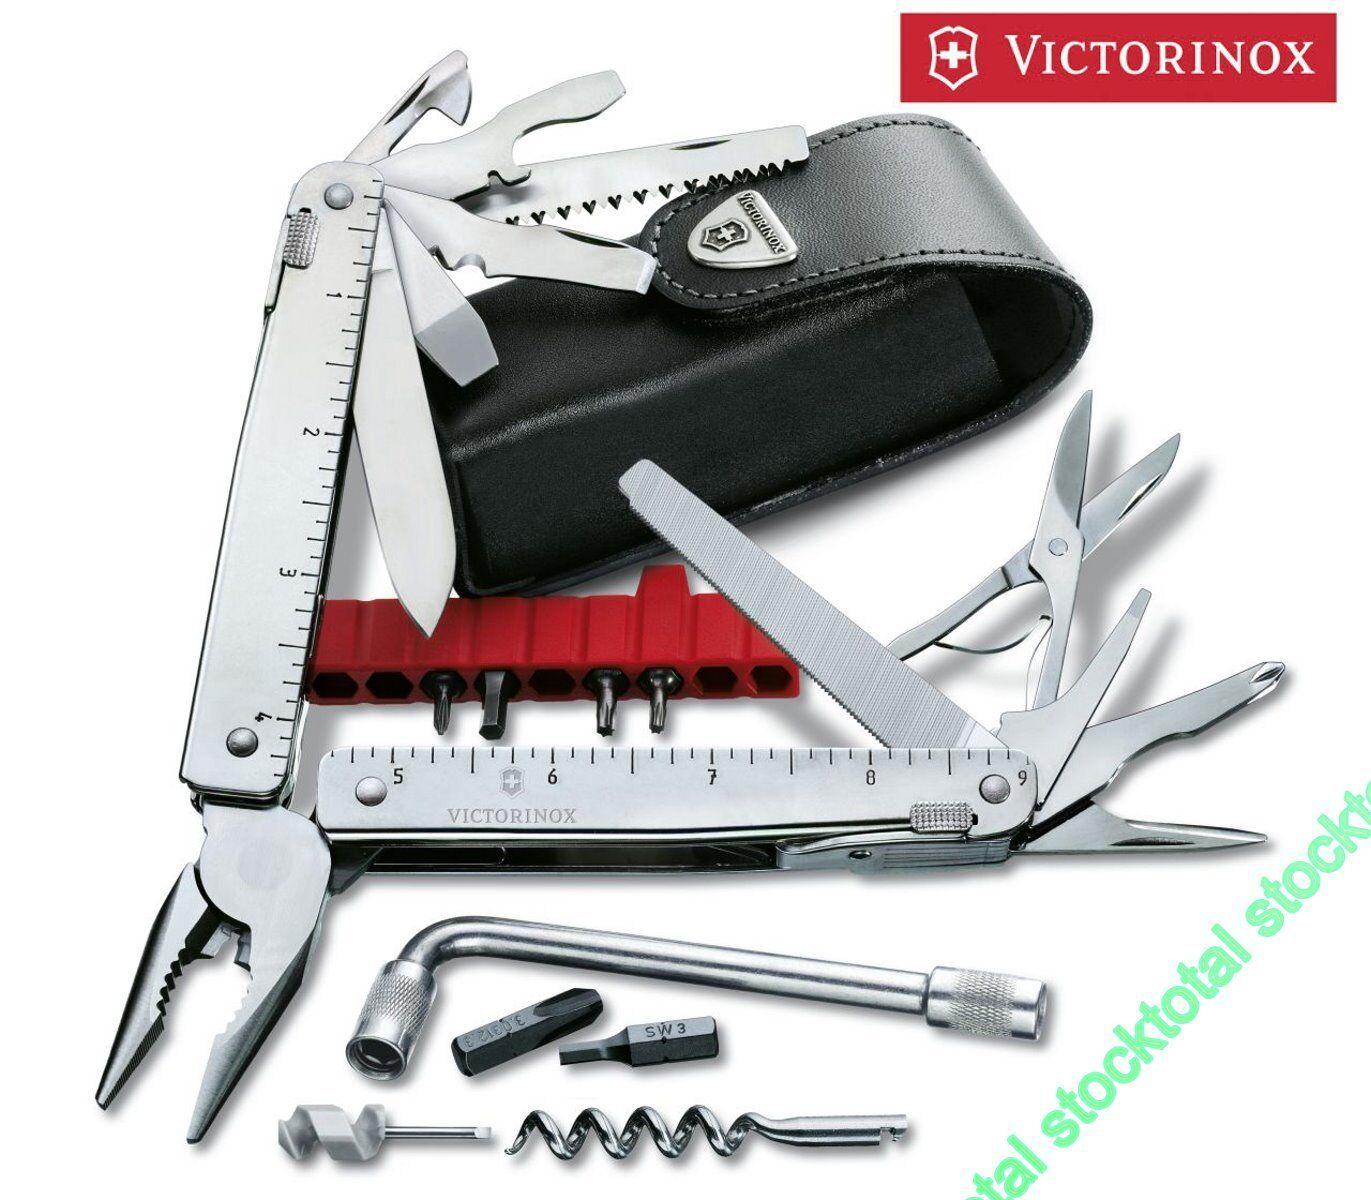 VICTORINOX NAVAJA SWISSTOOL X PLUS 39 FUNCIONES 3.0338.L